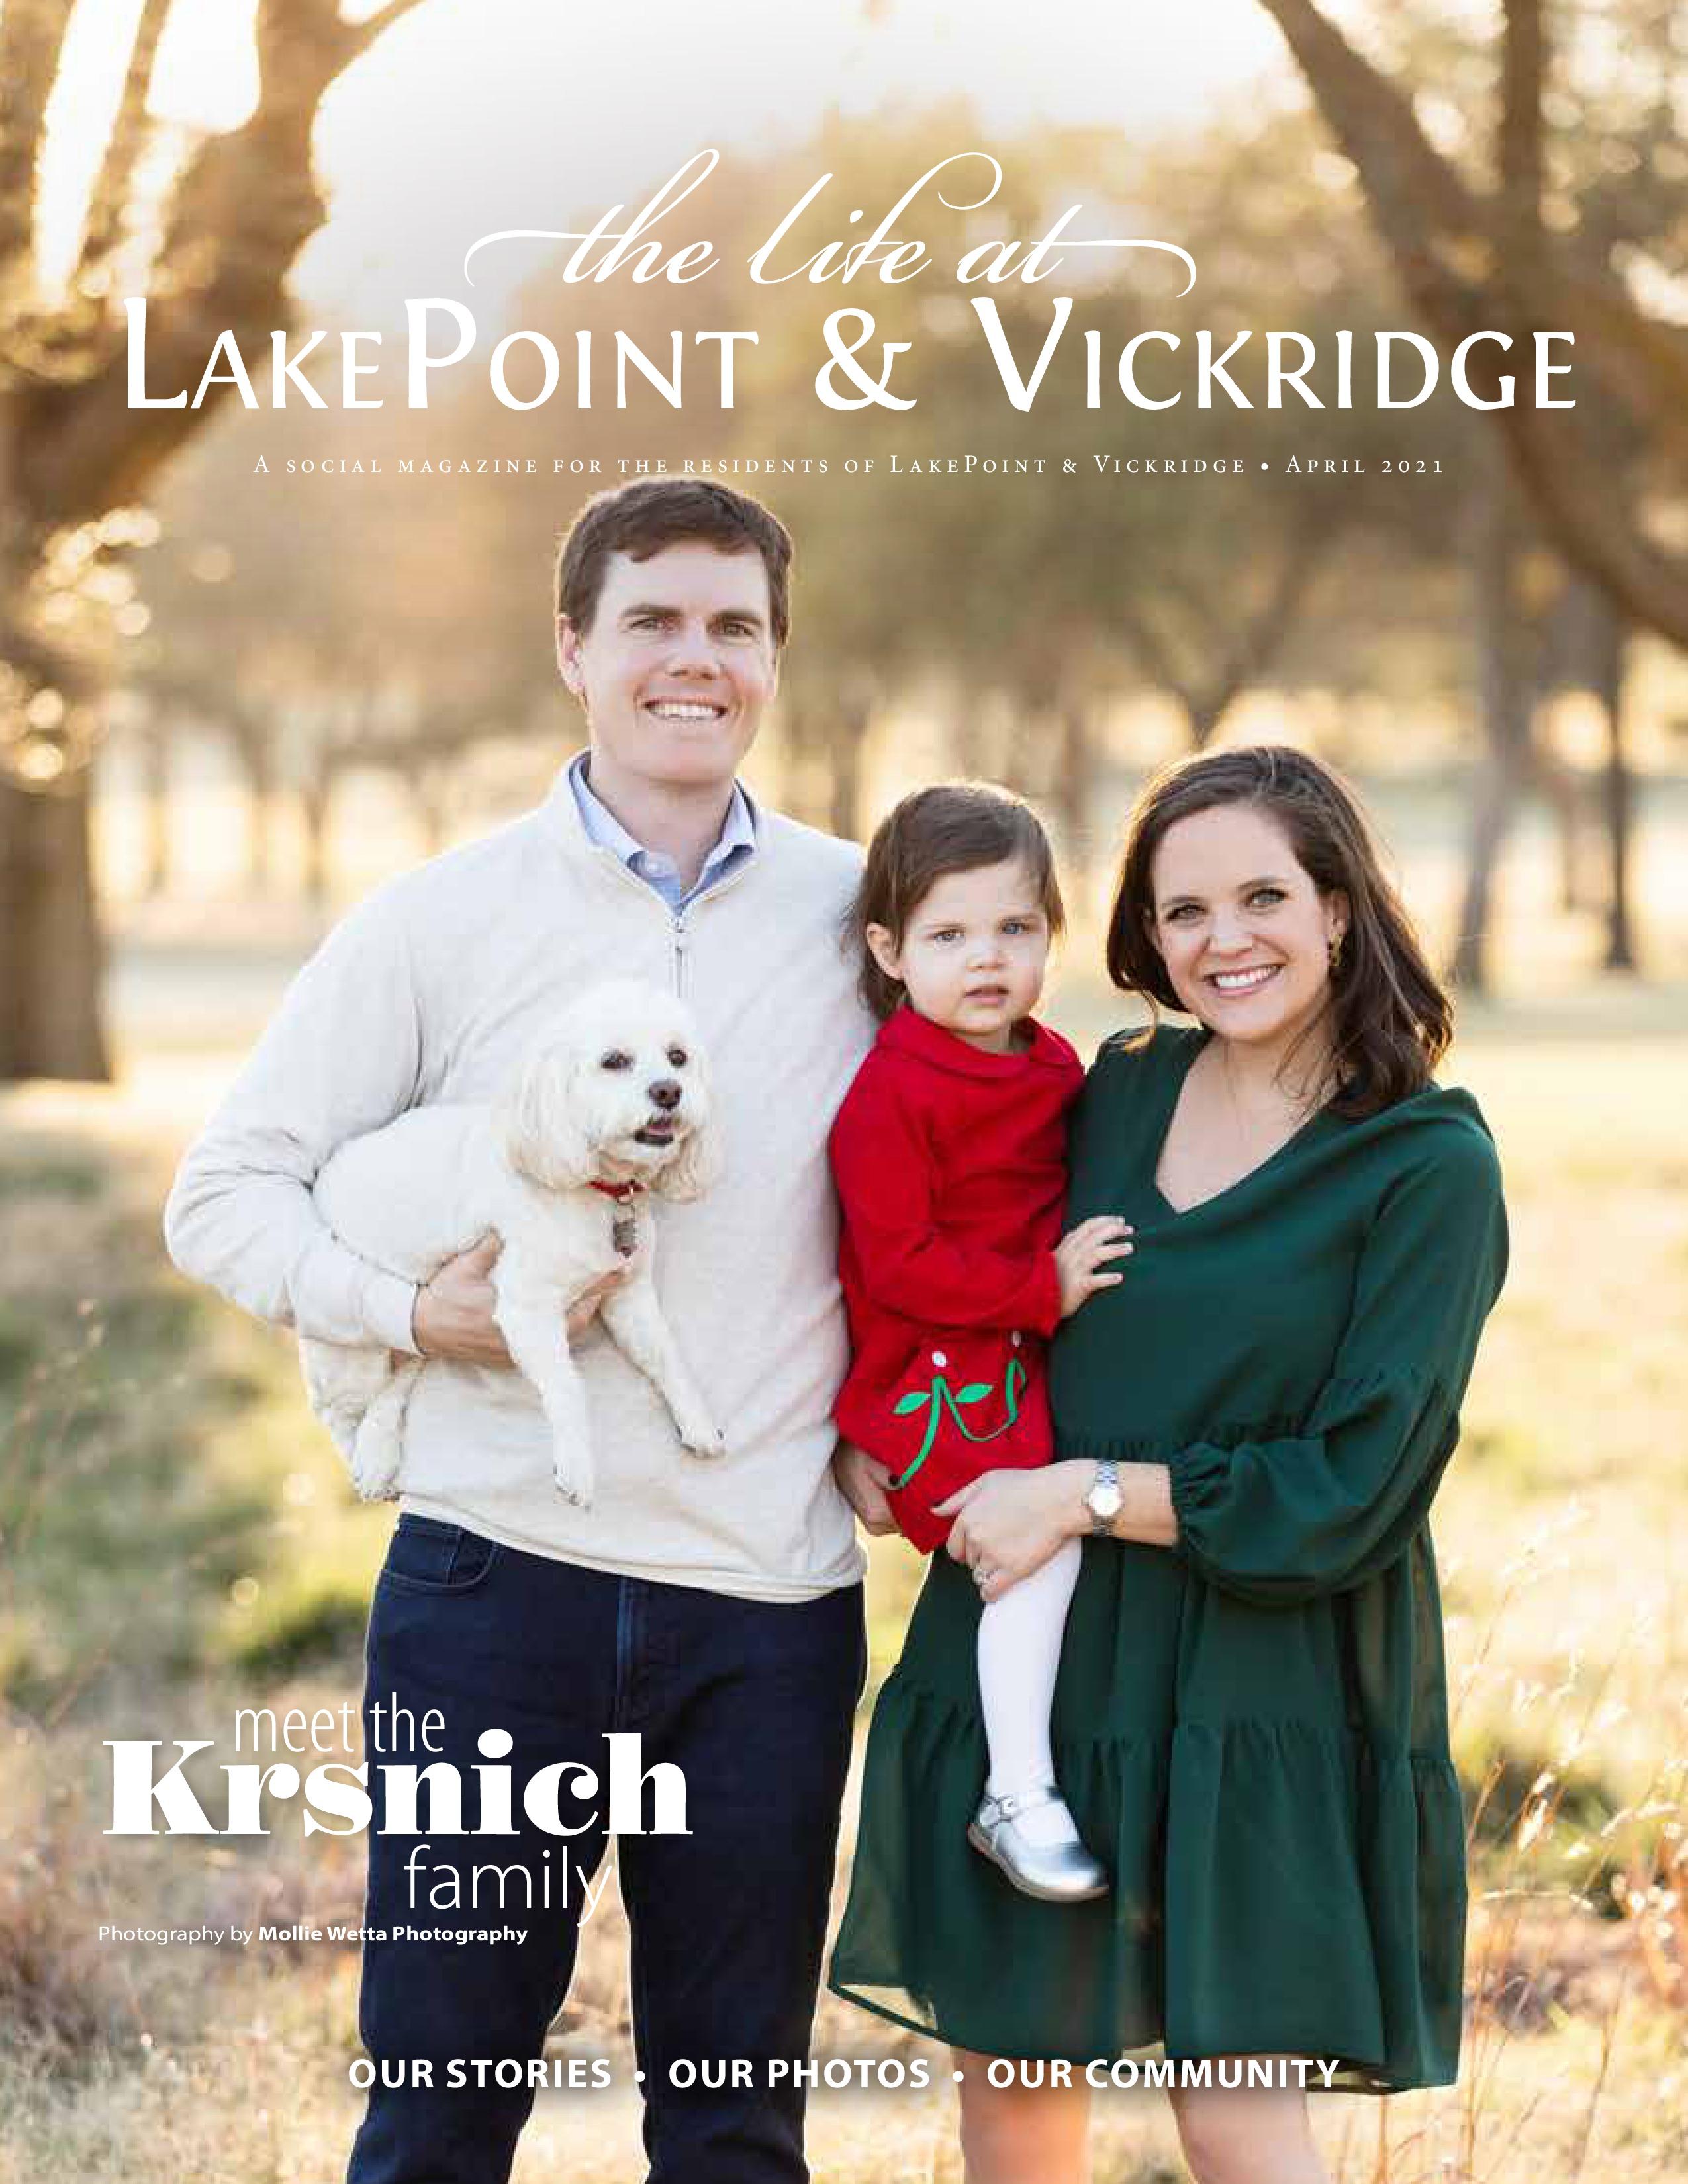 The Life at LakePoint & Vickridge 2021-04-01